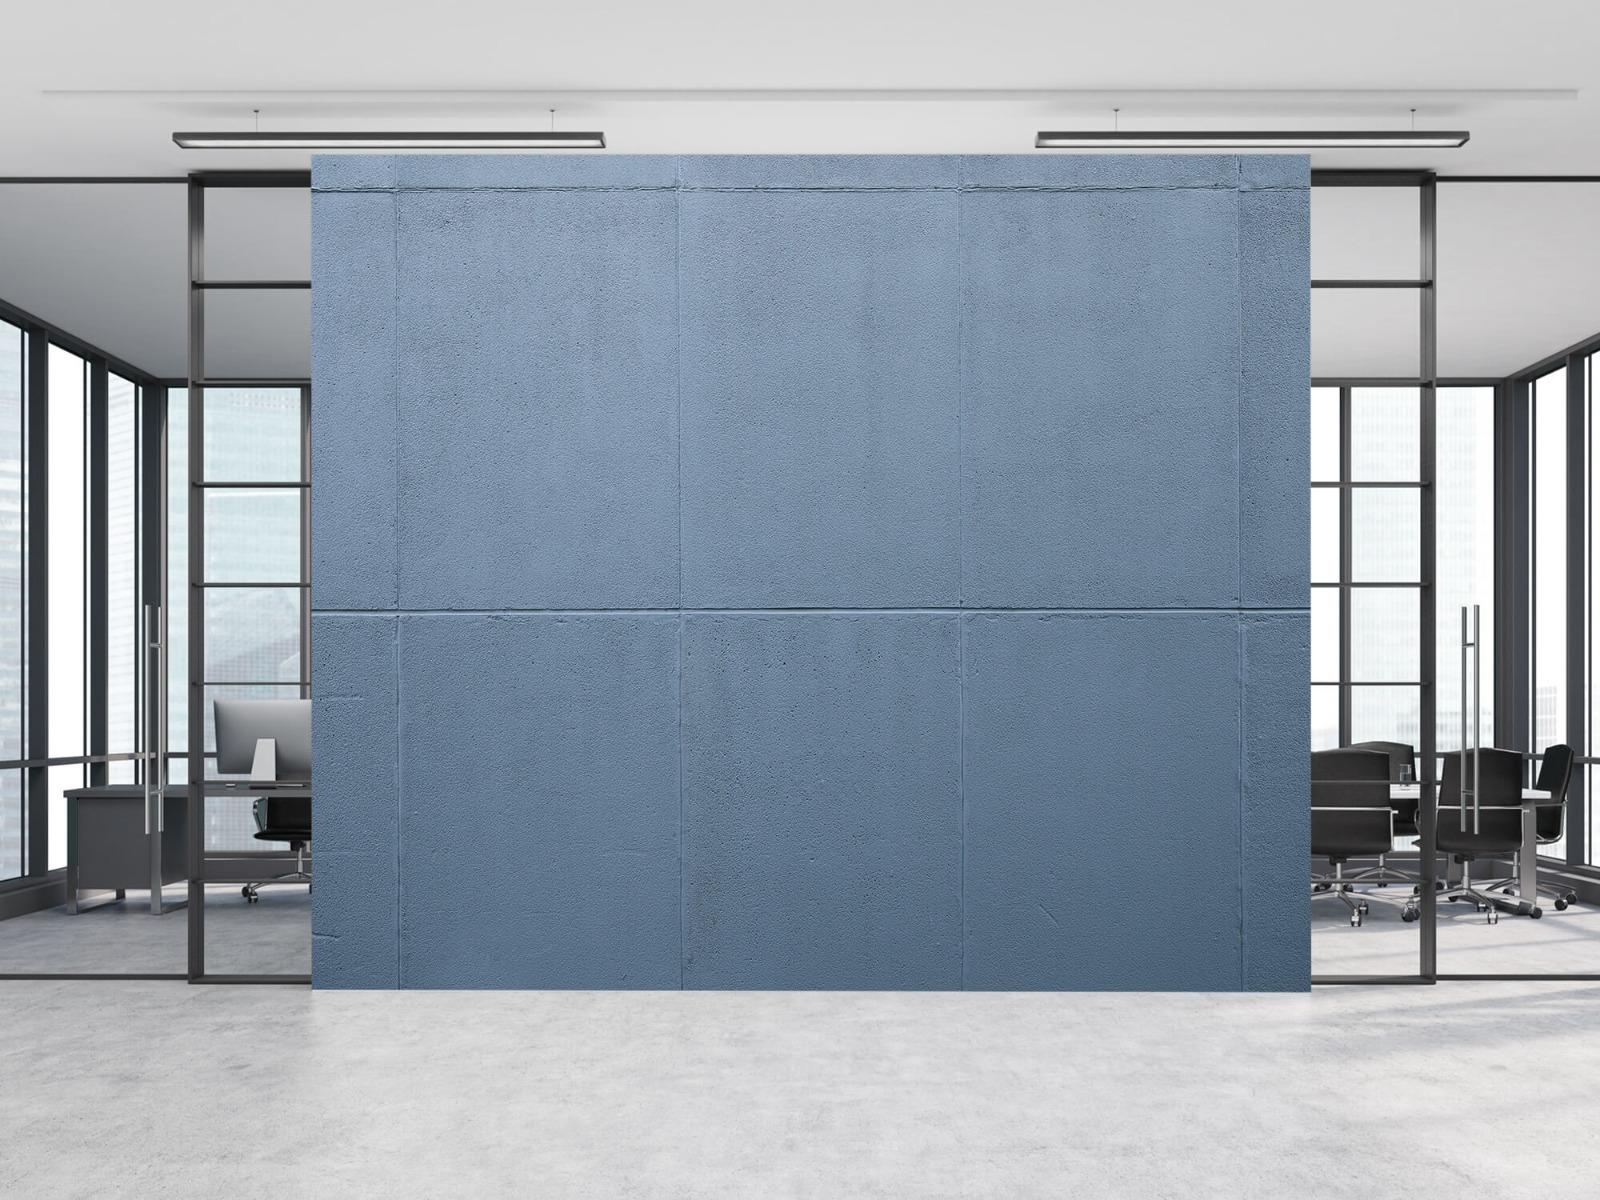 Betonlook behang - Geschilderde betonnen platen - Kantoor 12